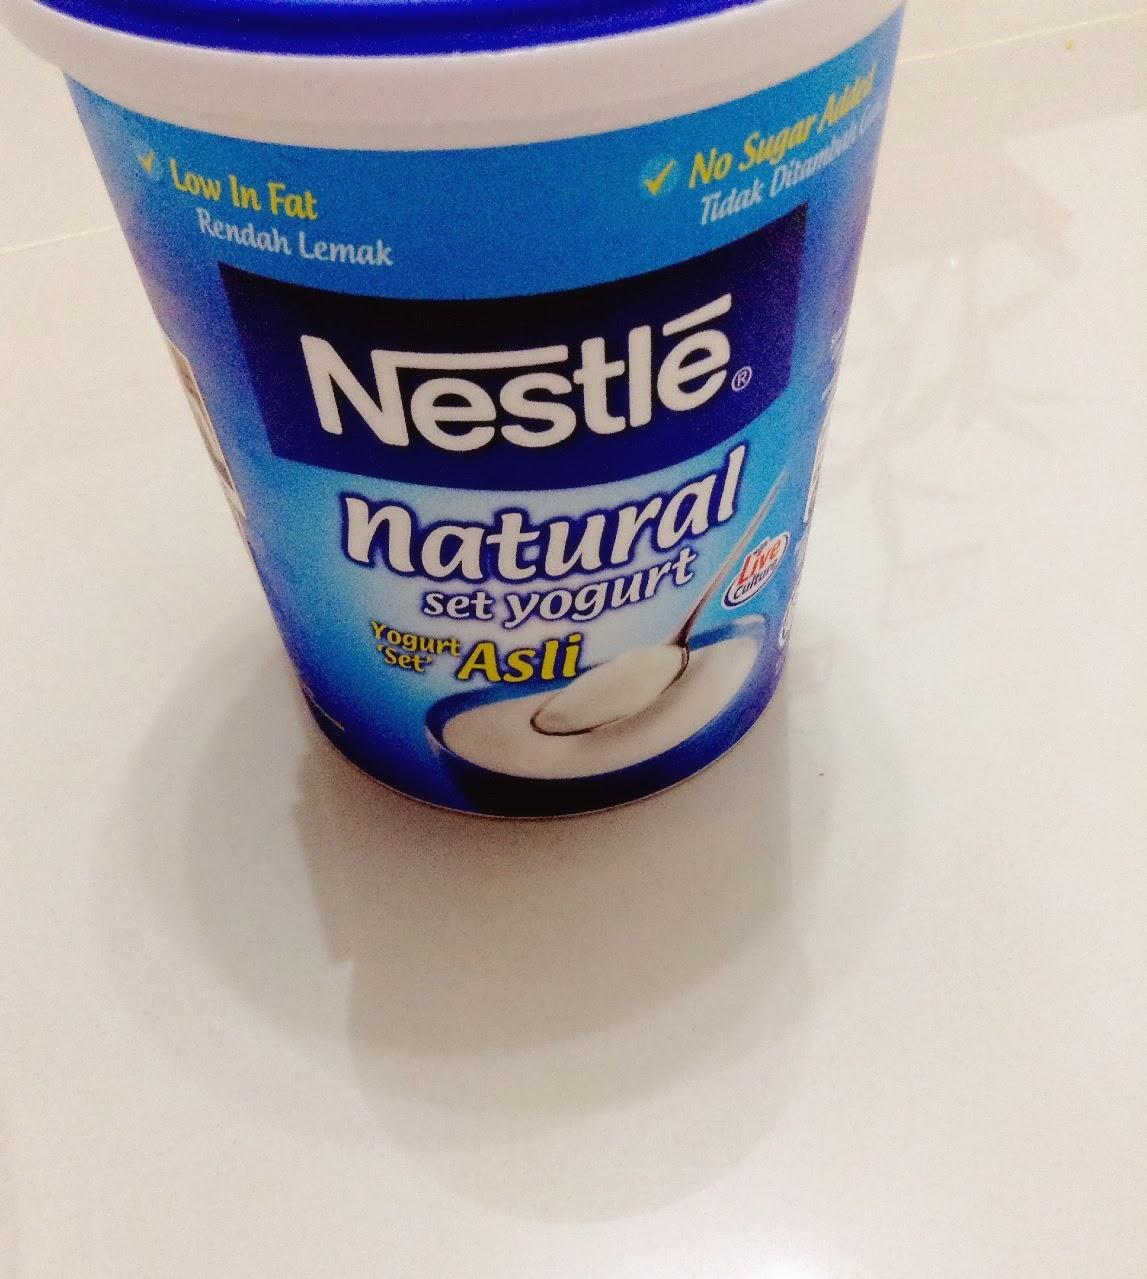 List of Nestlé brands